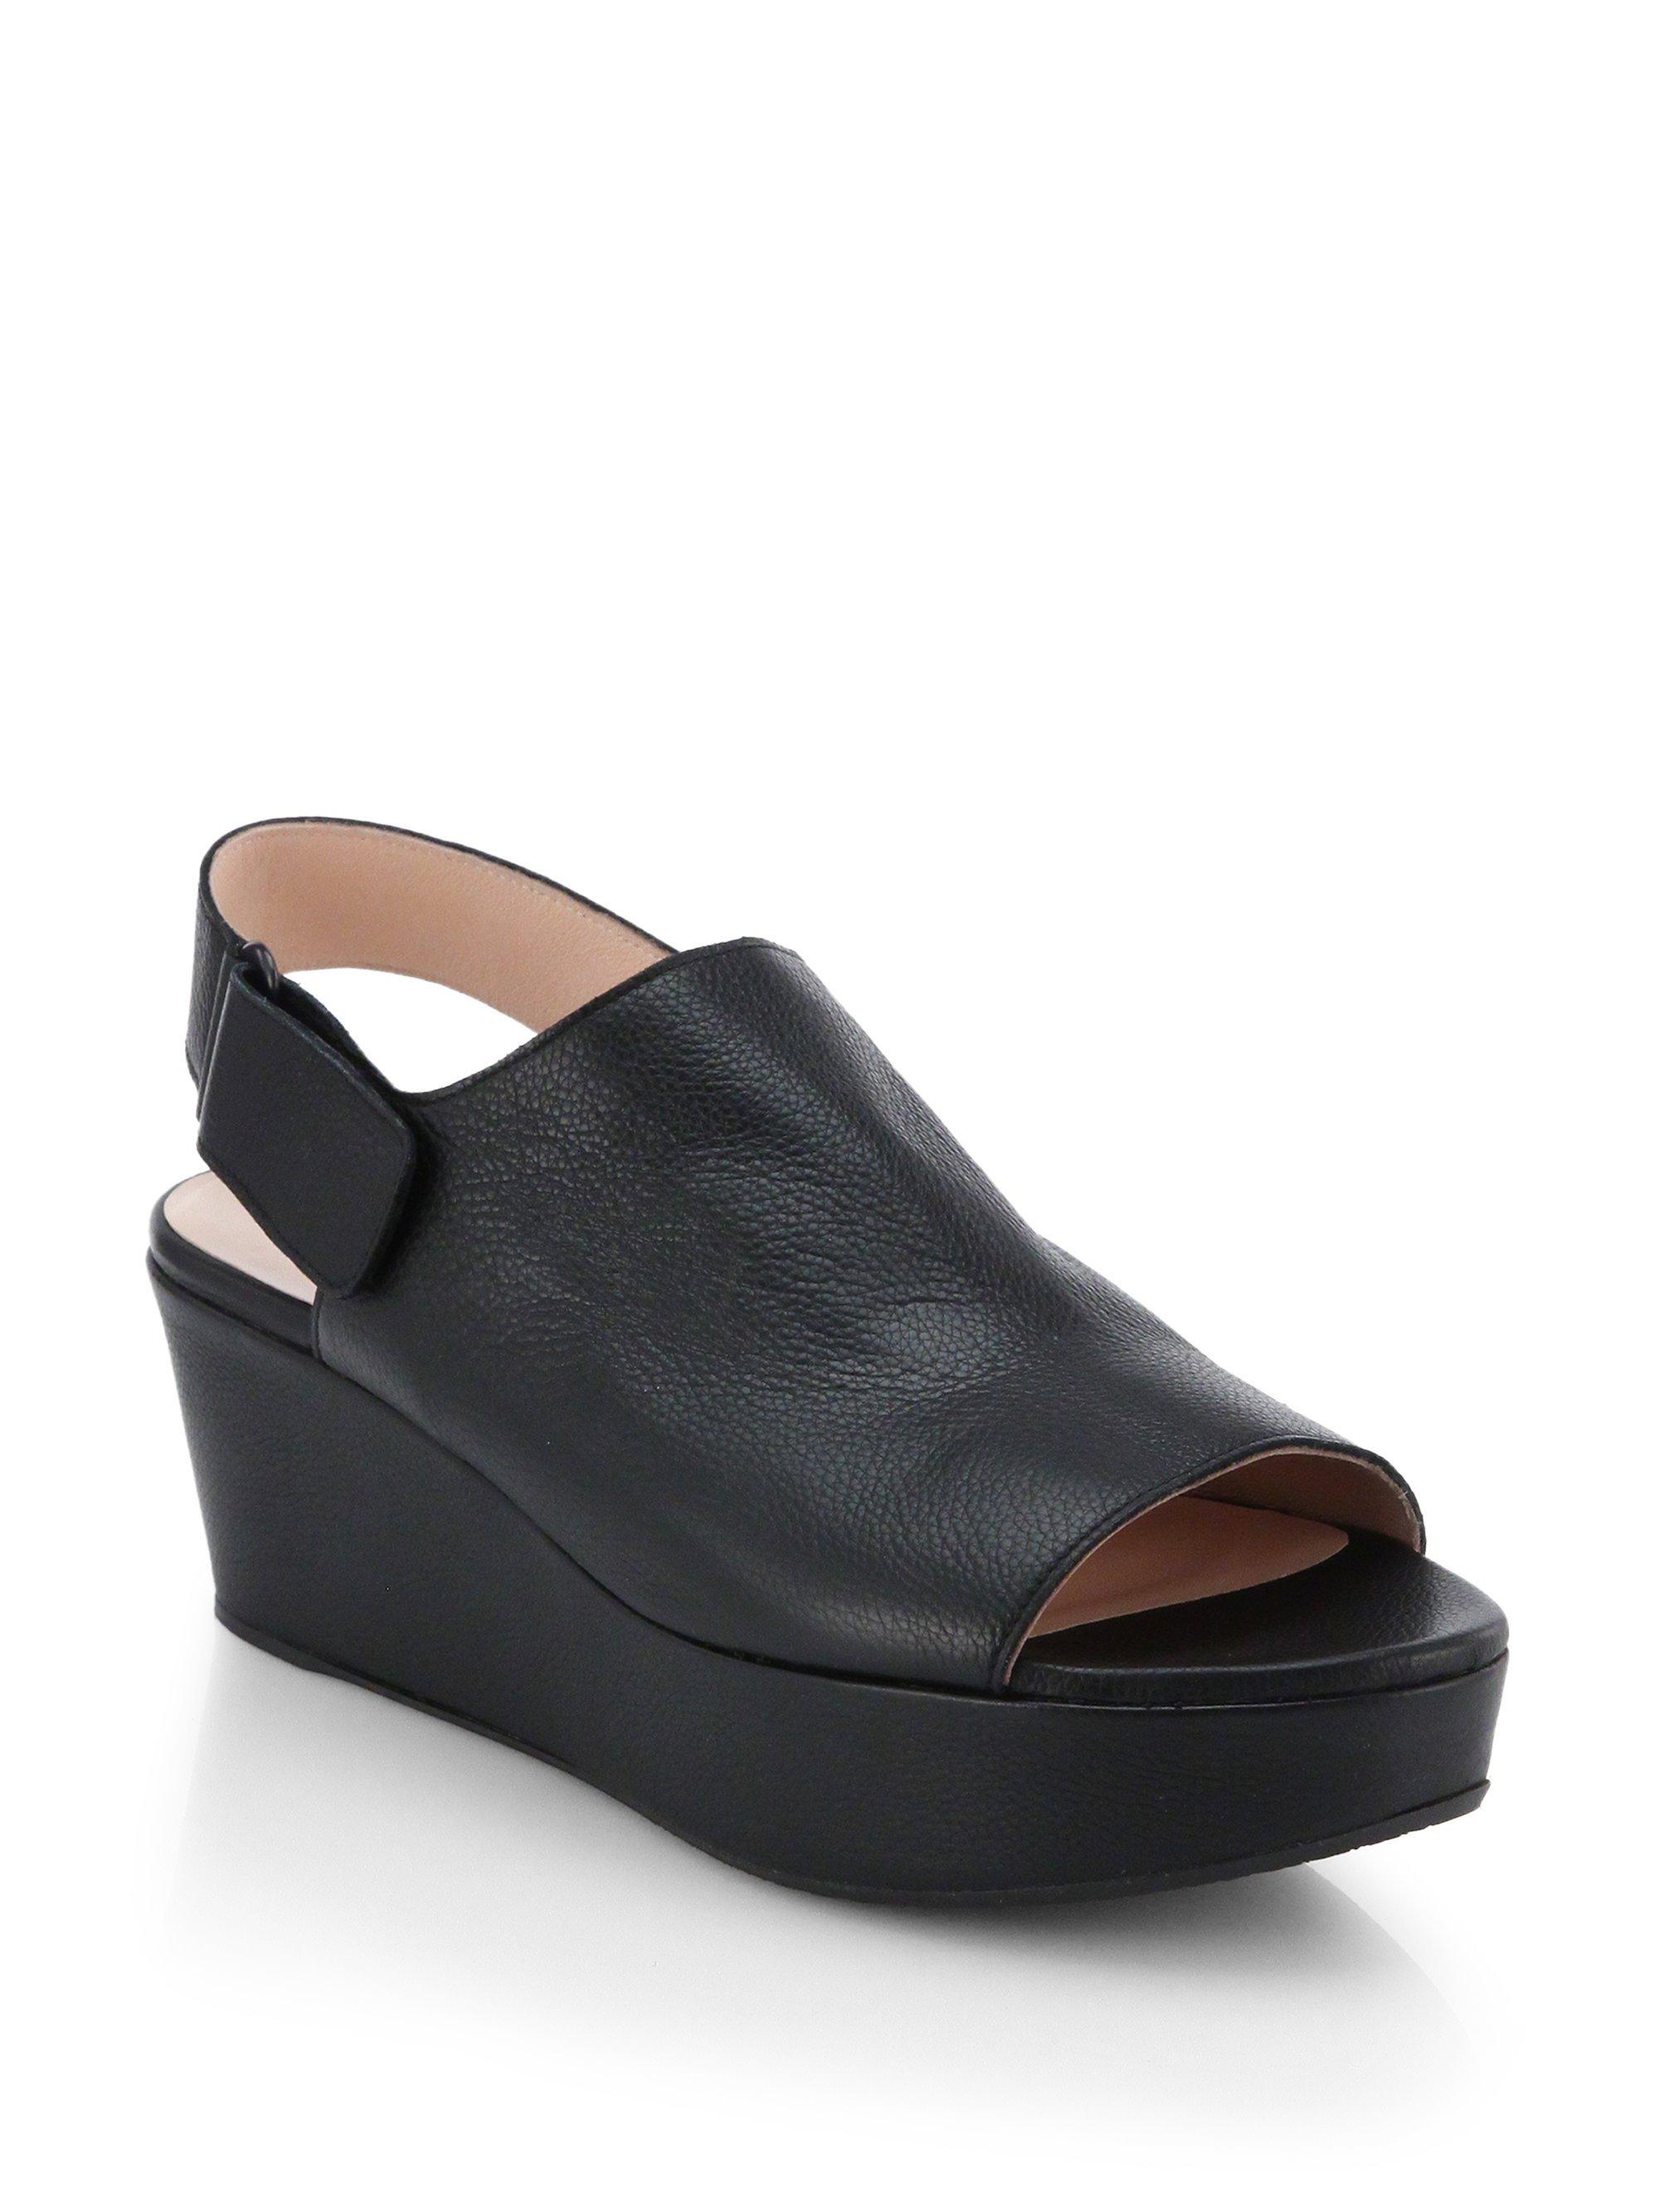 stuart weitzman offset wedge platform sandals in black lyst